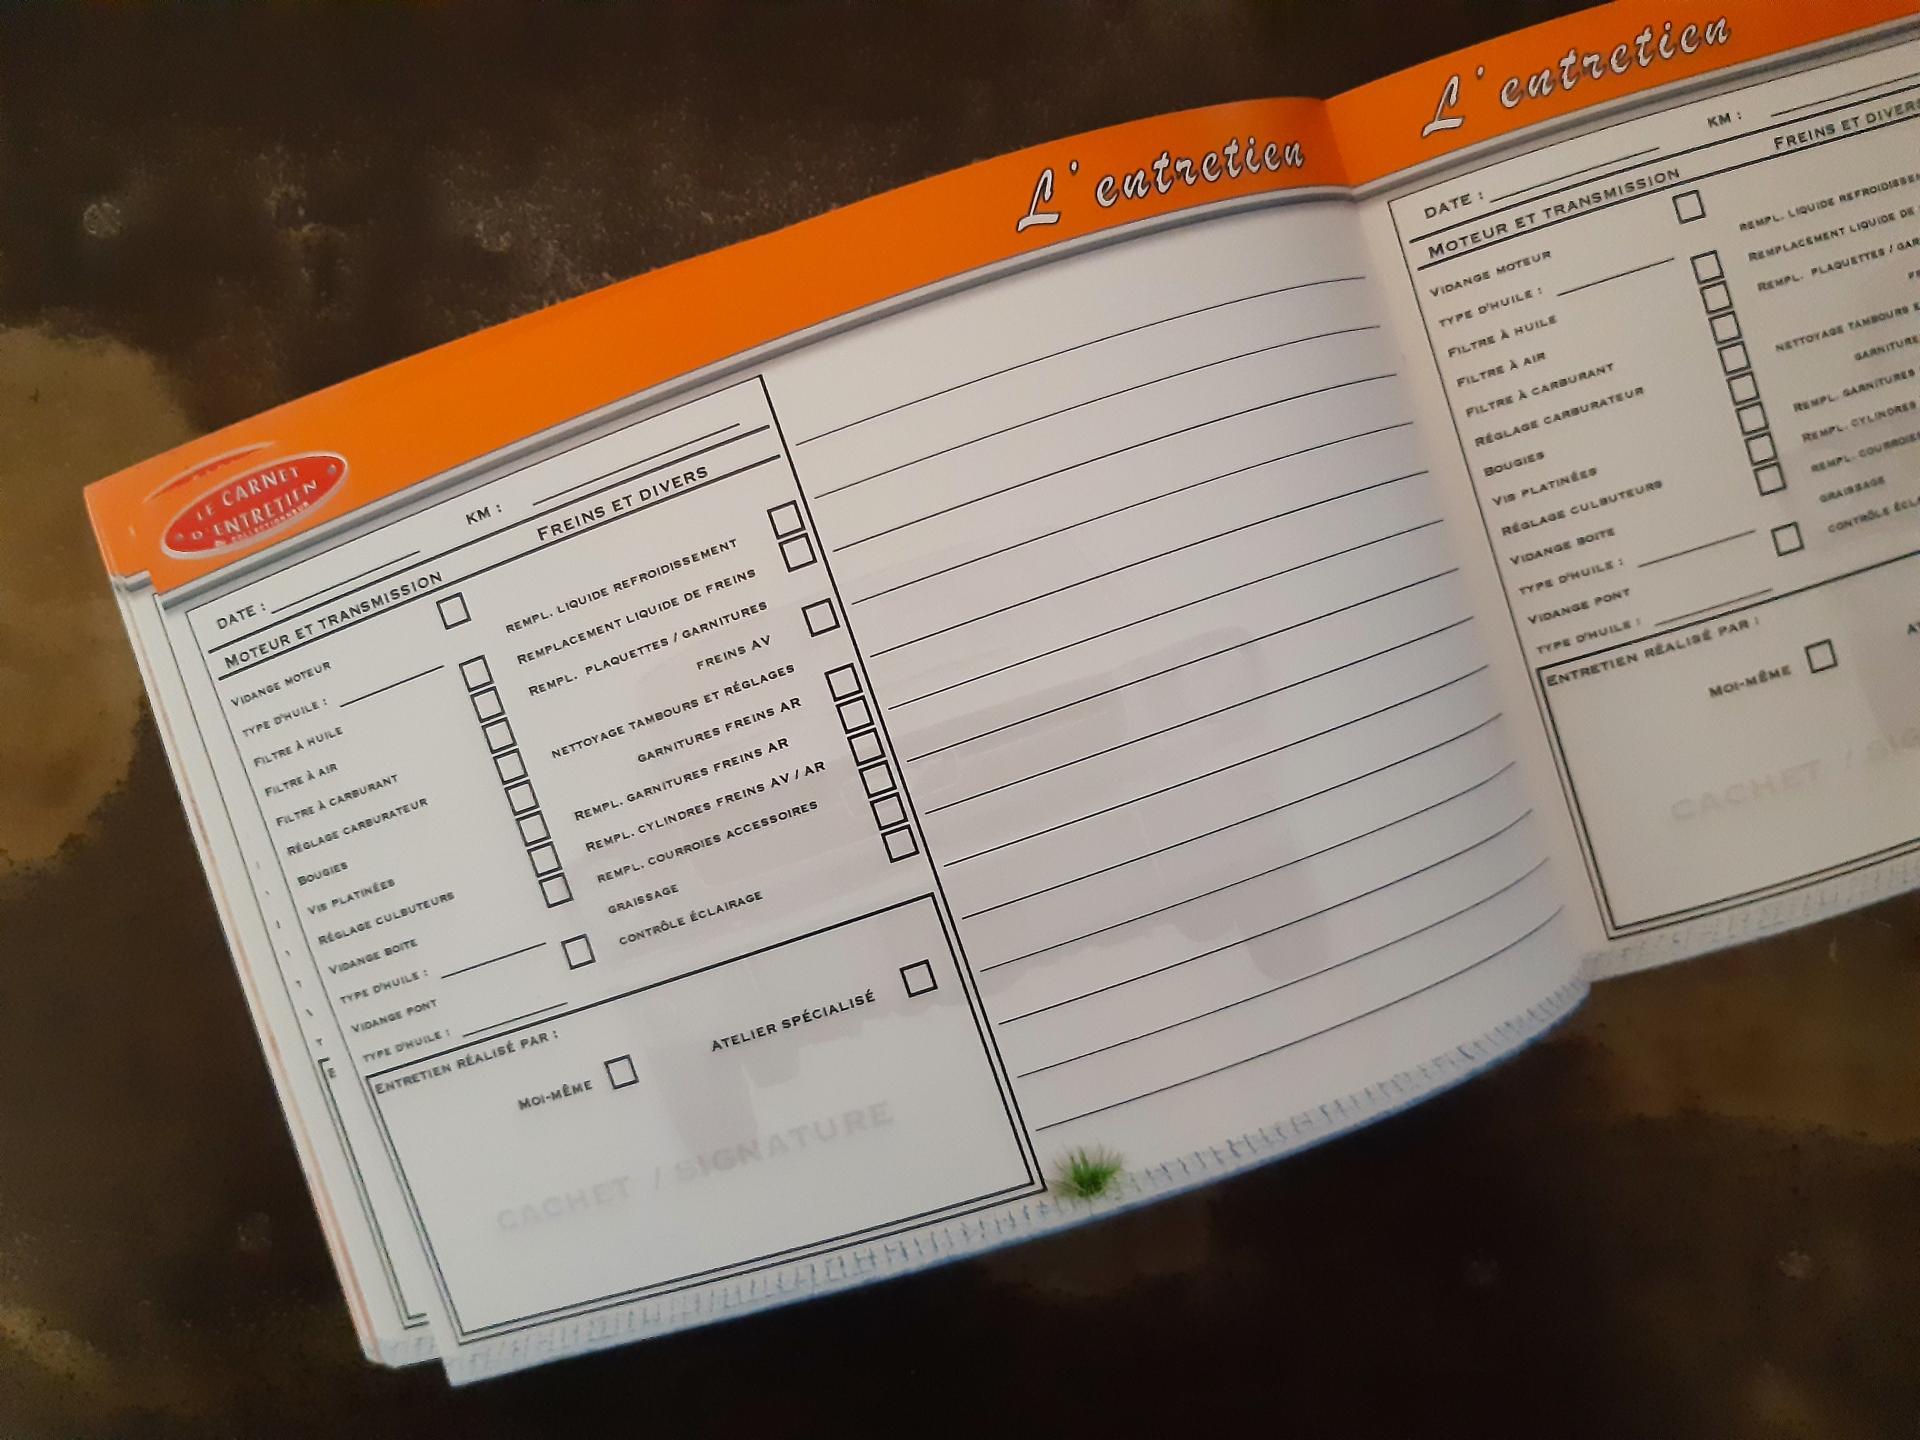 carnet d'entretien ford mustang